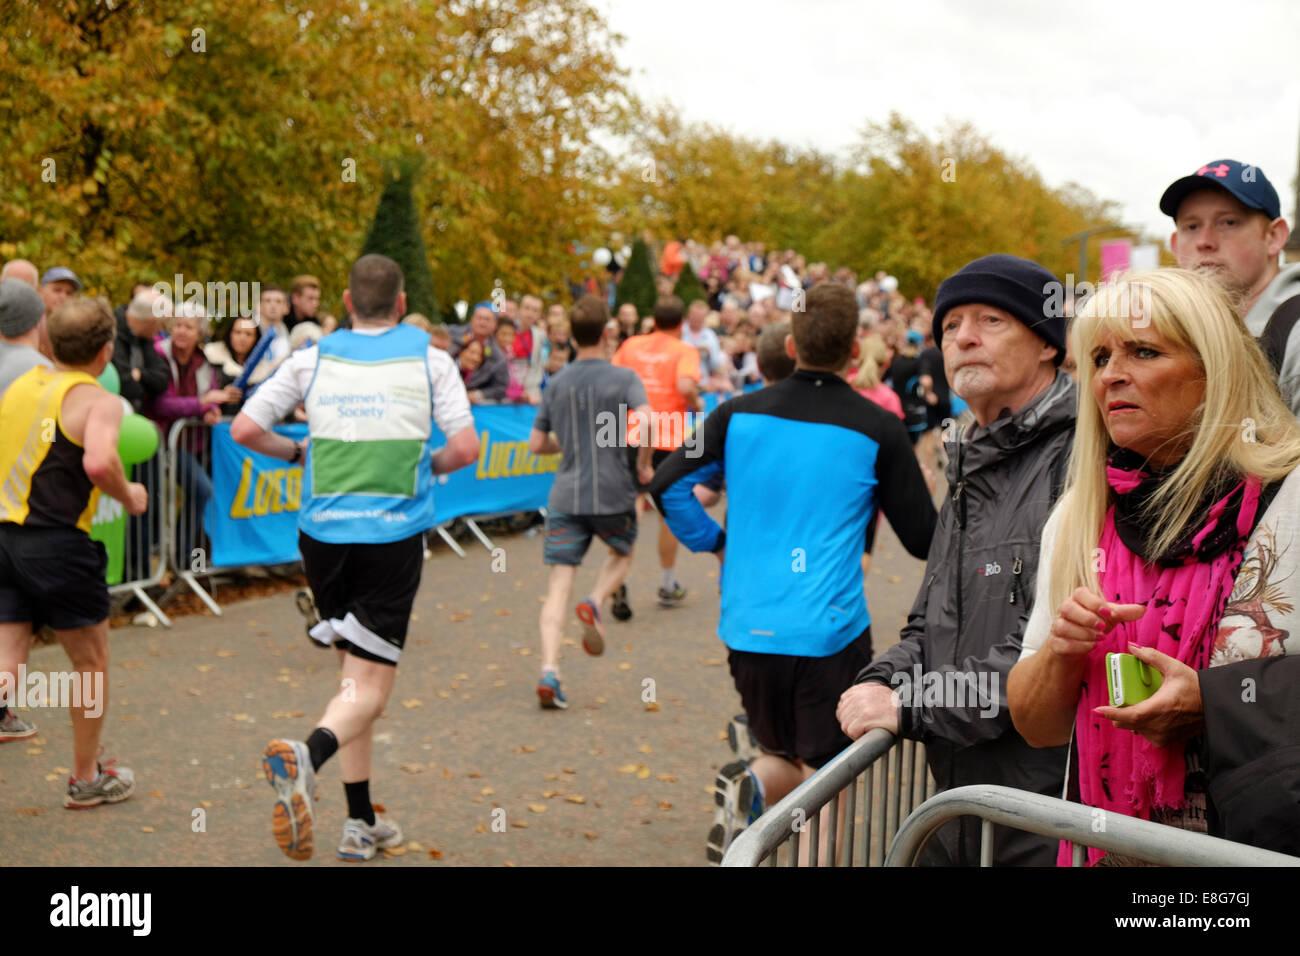 Los espectadores alentar a corredores de maratón acercándose a la línea de meta en Glasgow Green Imagen De Stock